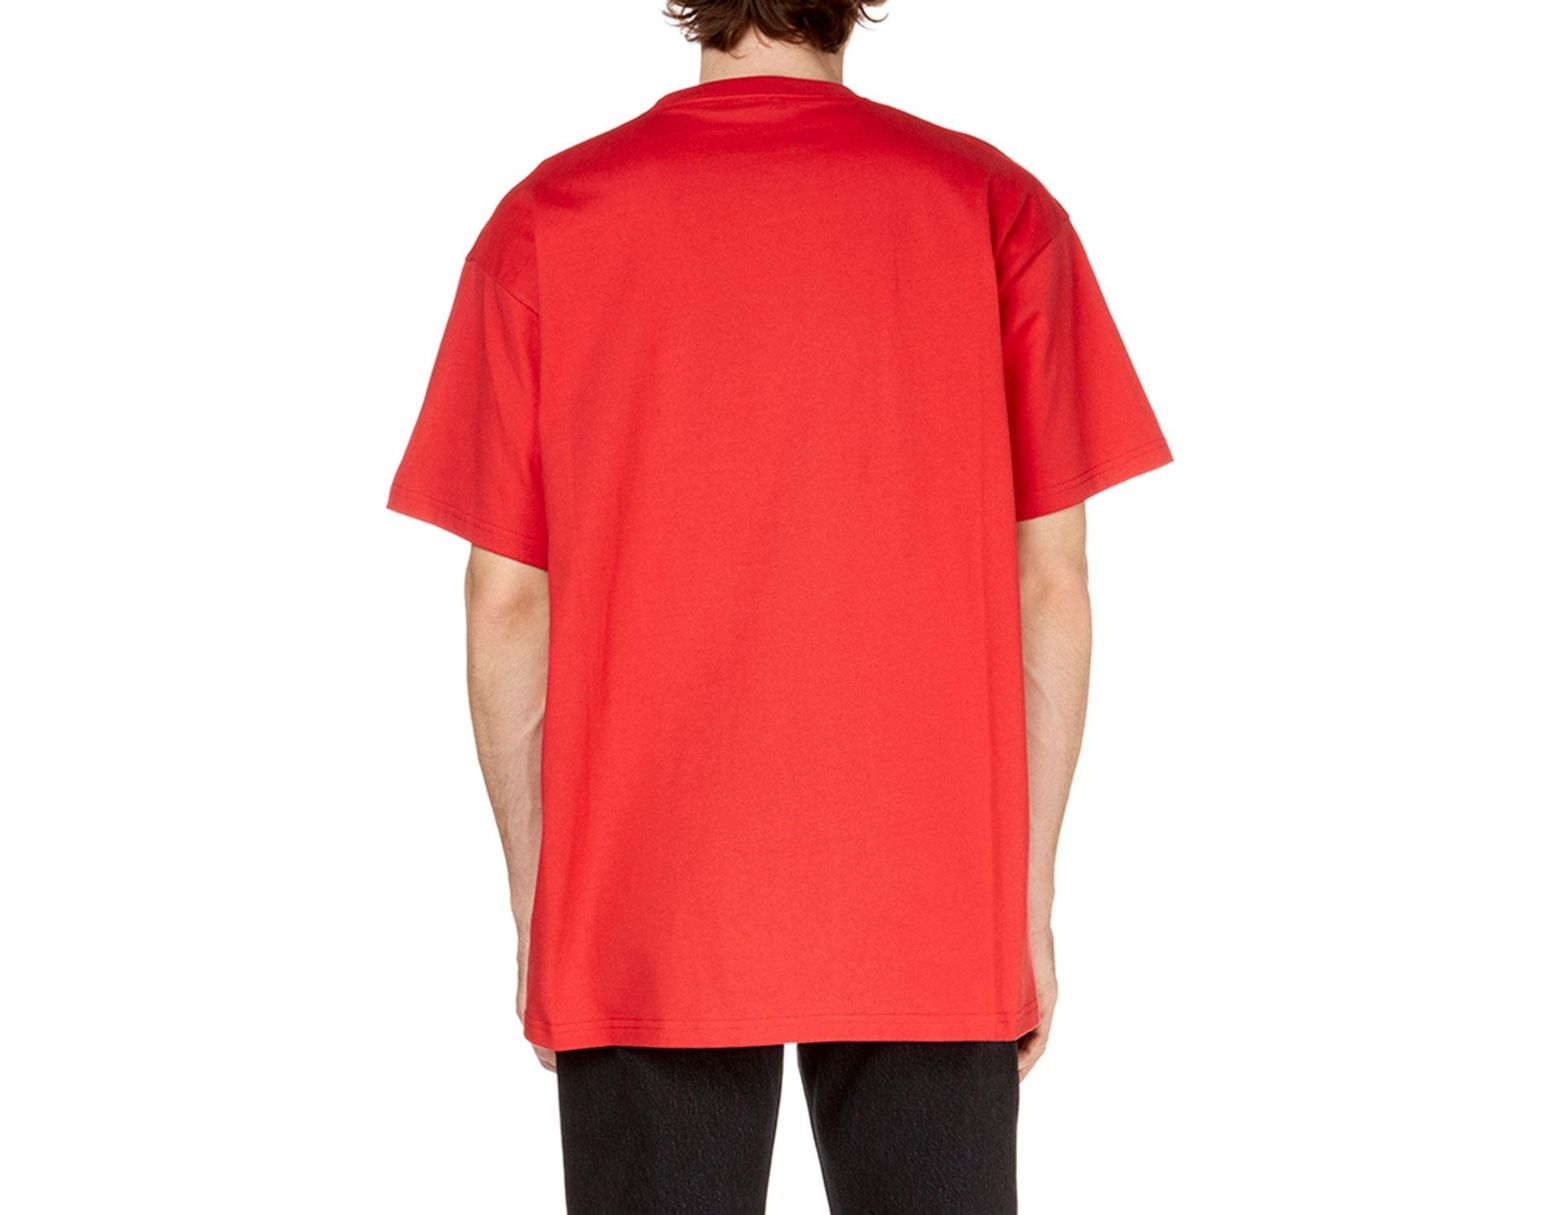 15bb81a99 Balenciaga Men's Sinners Crewneck Jersey T-shirt in Red for Men - Lyst